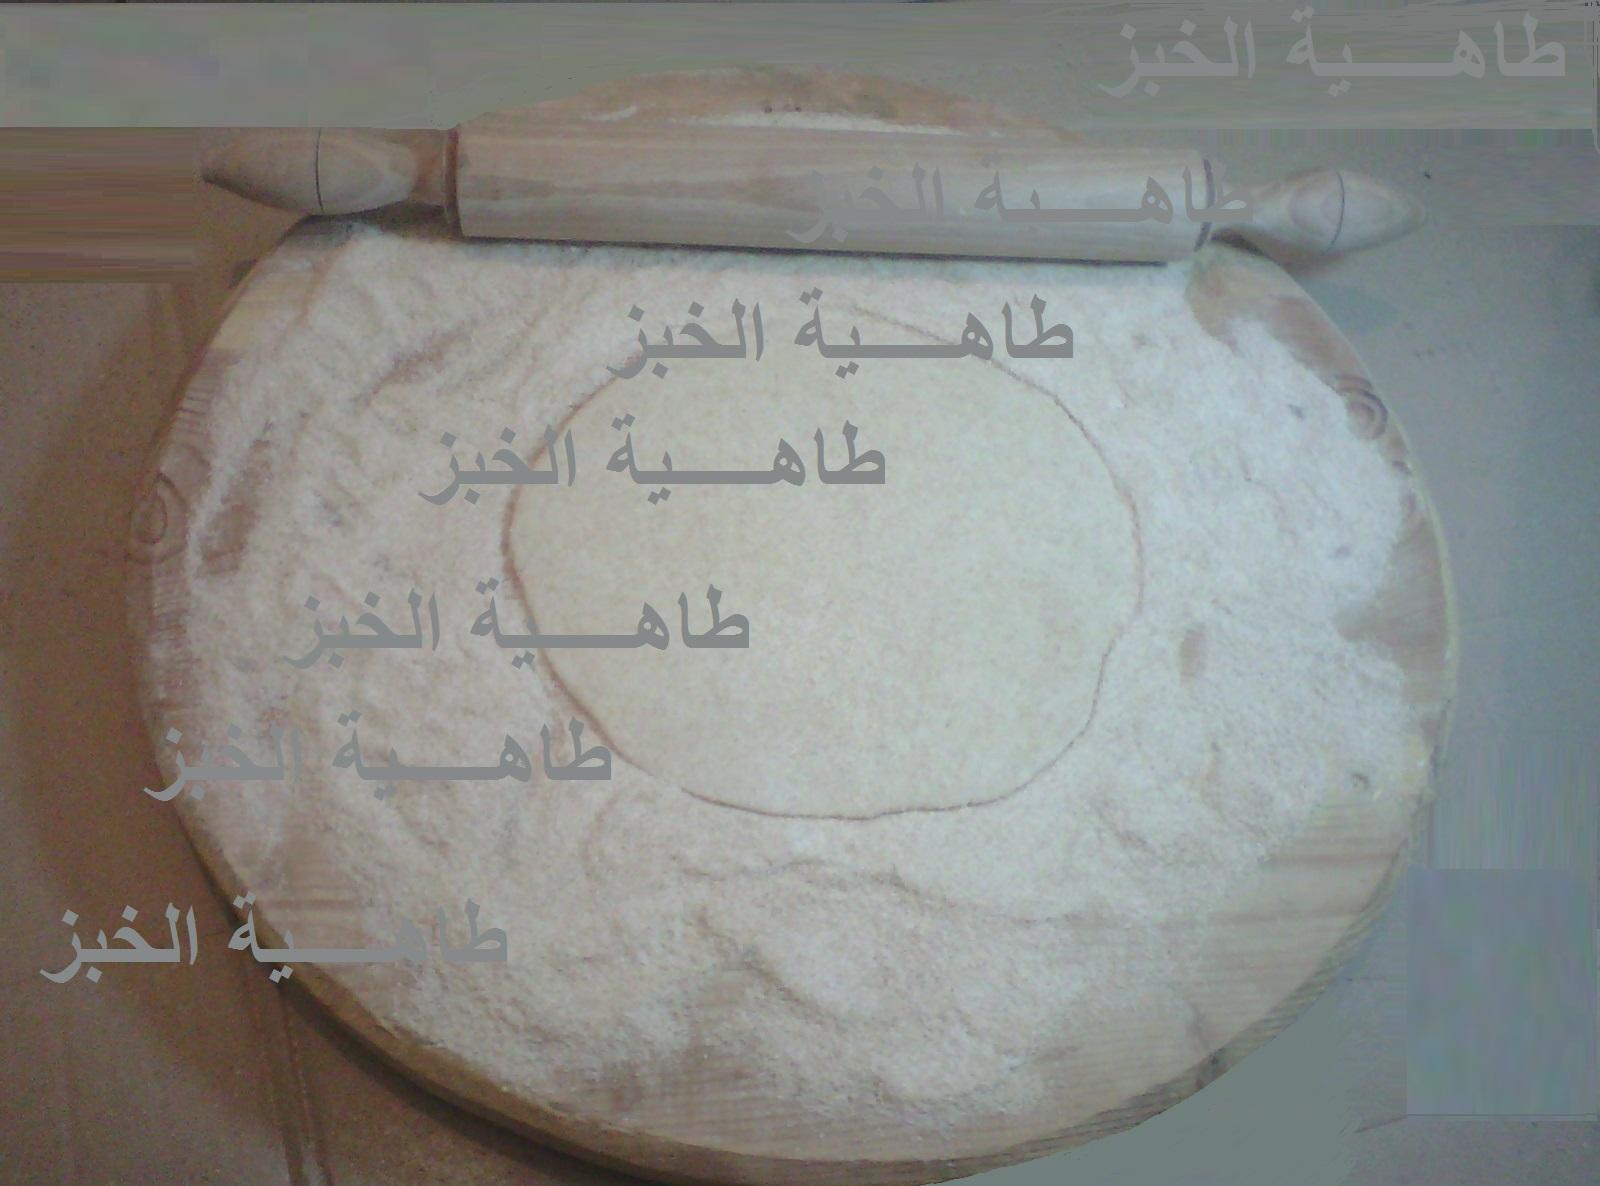 طريقة عمل الخبز المصرى 388501.jpg